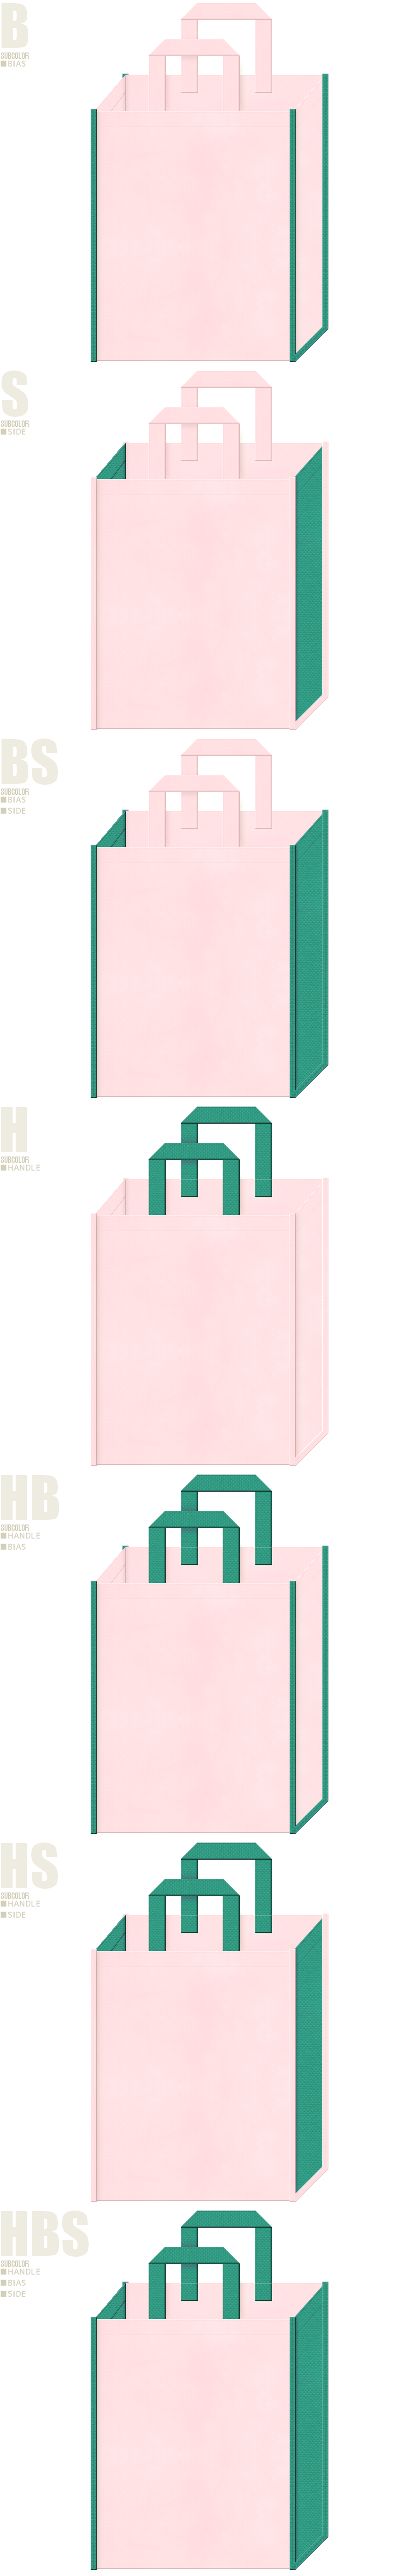 桜色と青緑色、7パターンの不織布トートバッグ配色デザイン例。掃除・洗濯用品の展示会用バッグ、ランドリーバッグにお奨めです。